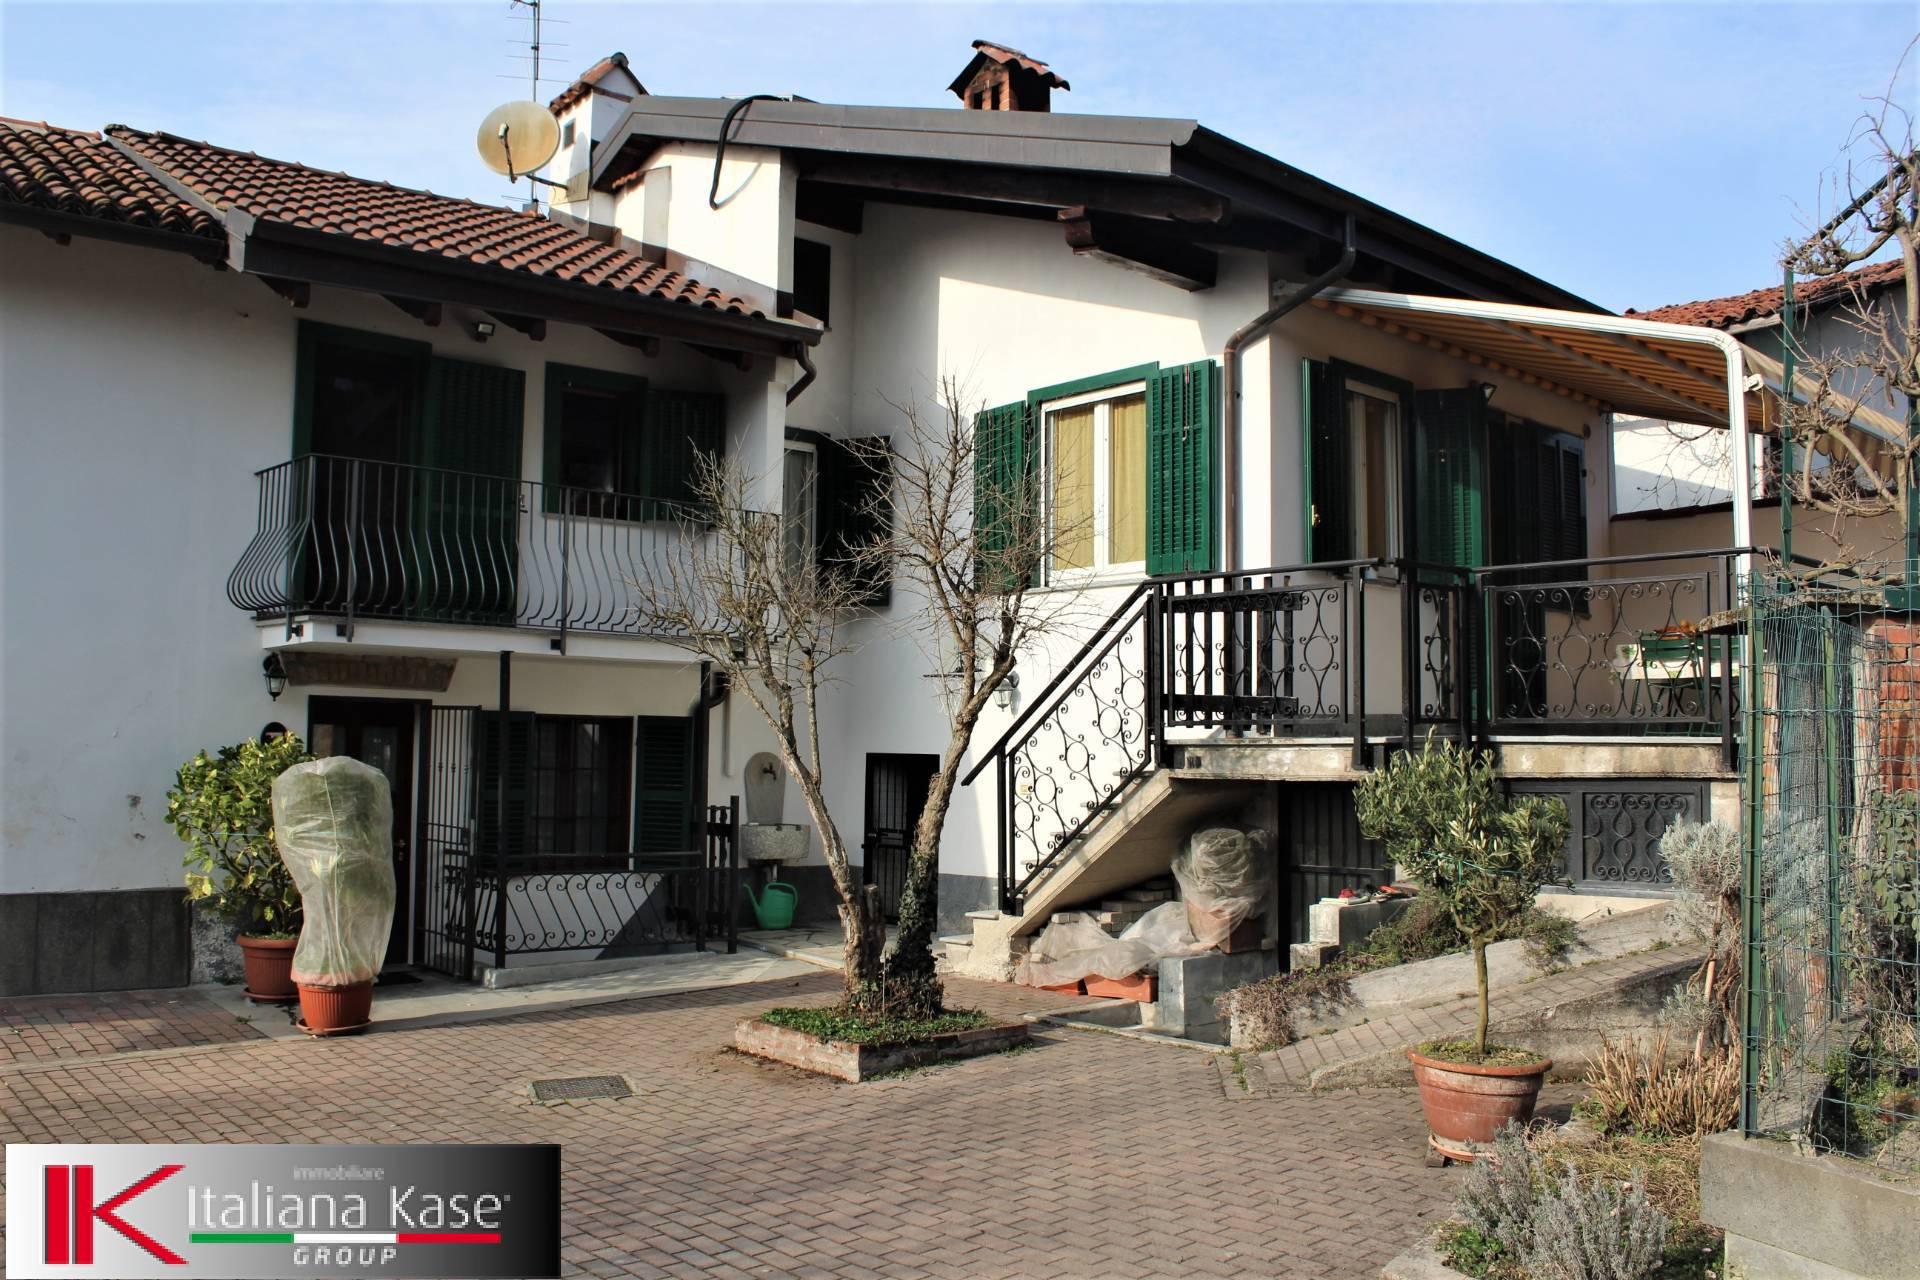 Soluzione Semindipendente in vendita a Sciolze, 4 locali, prezzo € 149.000 | PortaleAgenzieImmobiliari.it